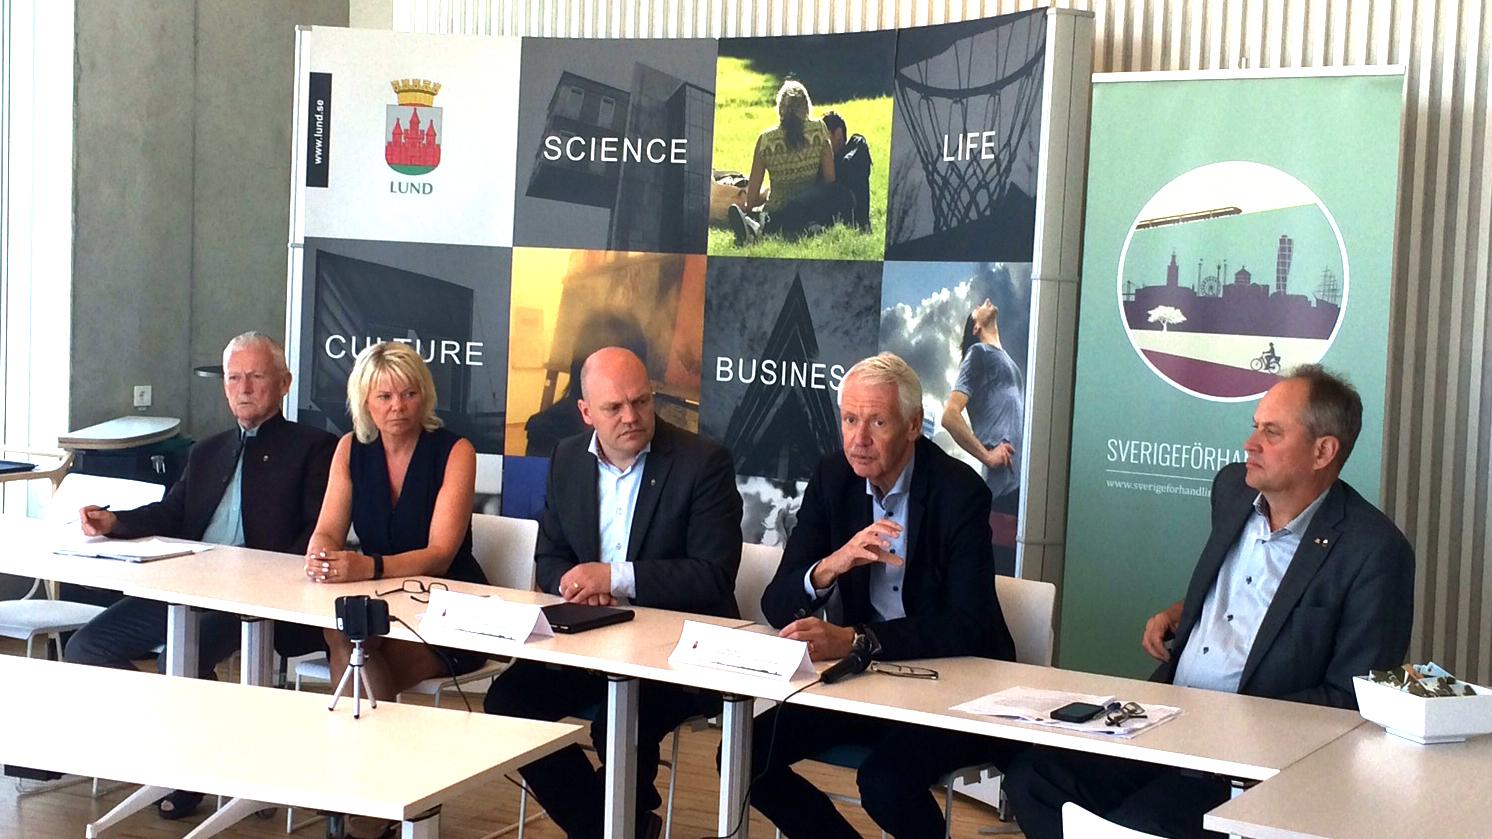 Lund först ut med paketlösning i Sverigeförhandlingen. Foto: Louise Andersson, Sverigeförhandlingen